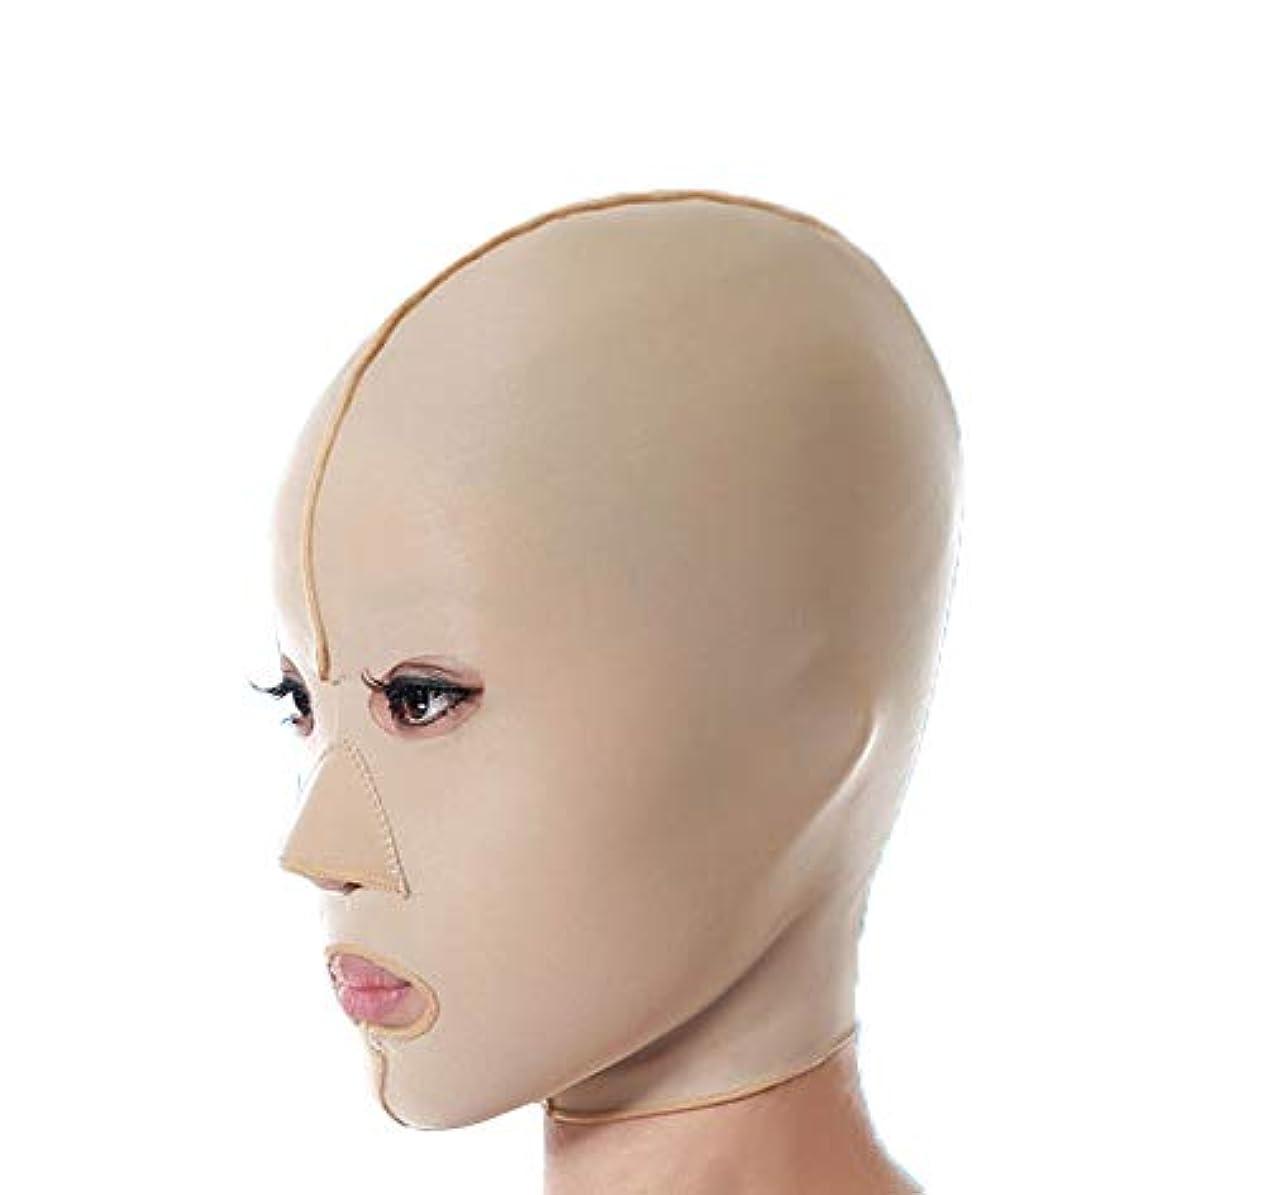 ビーズホテル熟読するTLMY 引き締めマスクマスク漢方薬強力なマスクアーティファクト美容垂れ防止方法フェイシャルリフティング引き締めフルフェイスマスク 顔用整形マスク (Size : S)